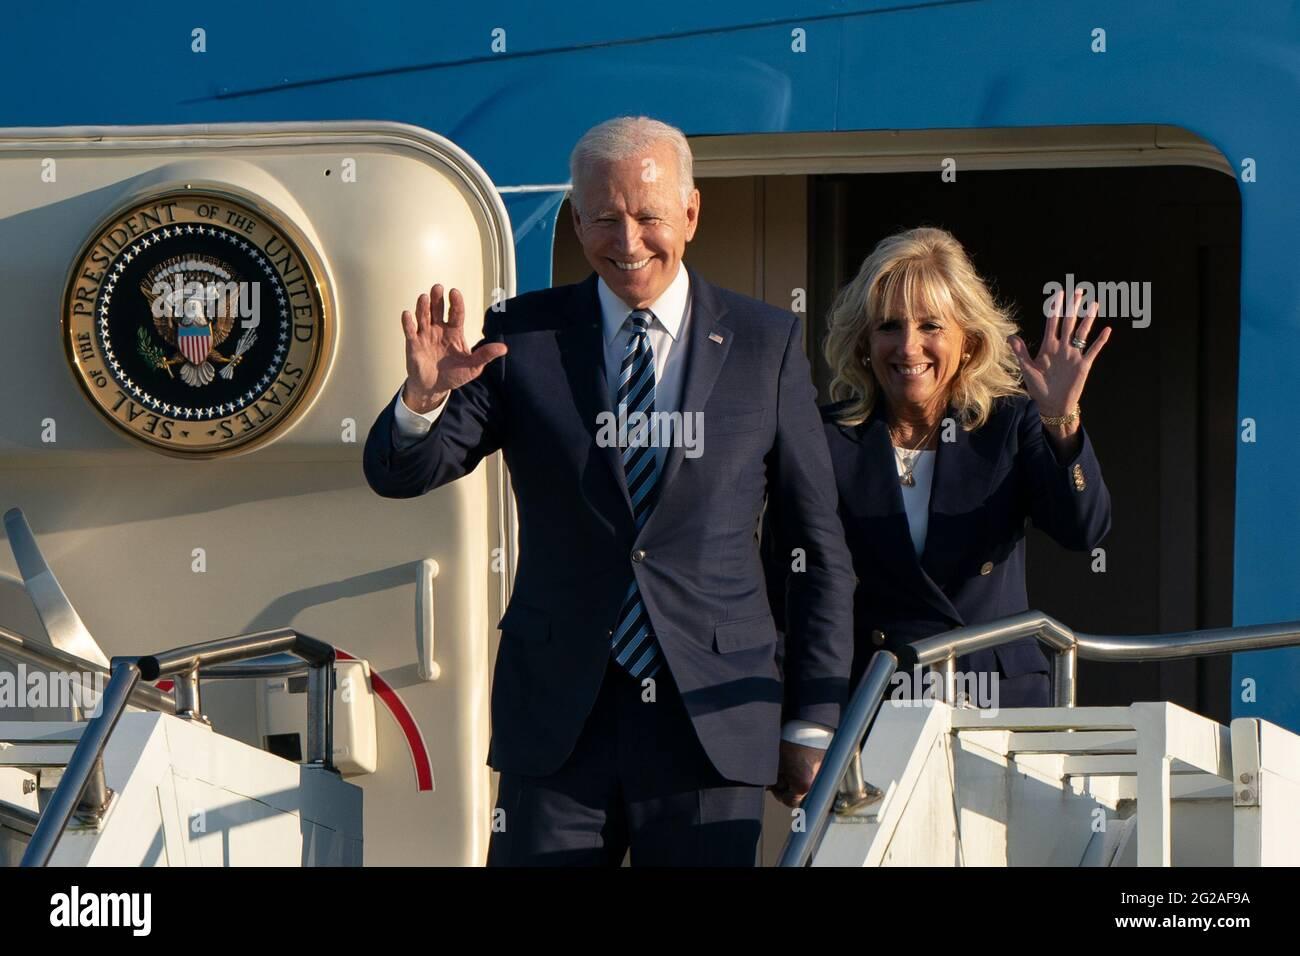 US-Präsident Joe Biden und First Lady Jill Biden treffen im Vorfeld des G7-Gipfels in Cornwall in der Air Force One bei RAF Mildenhall in Suffolk ein. Bilddatum: Mittwoch, 9. Juni 2021. Stockfoto